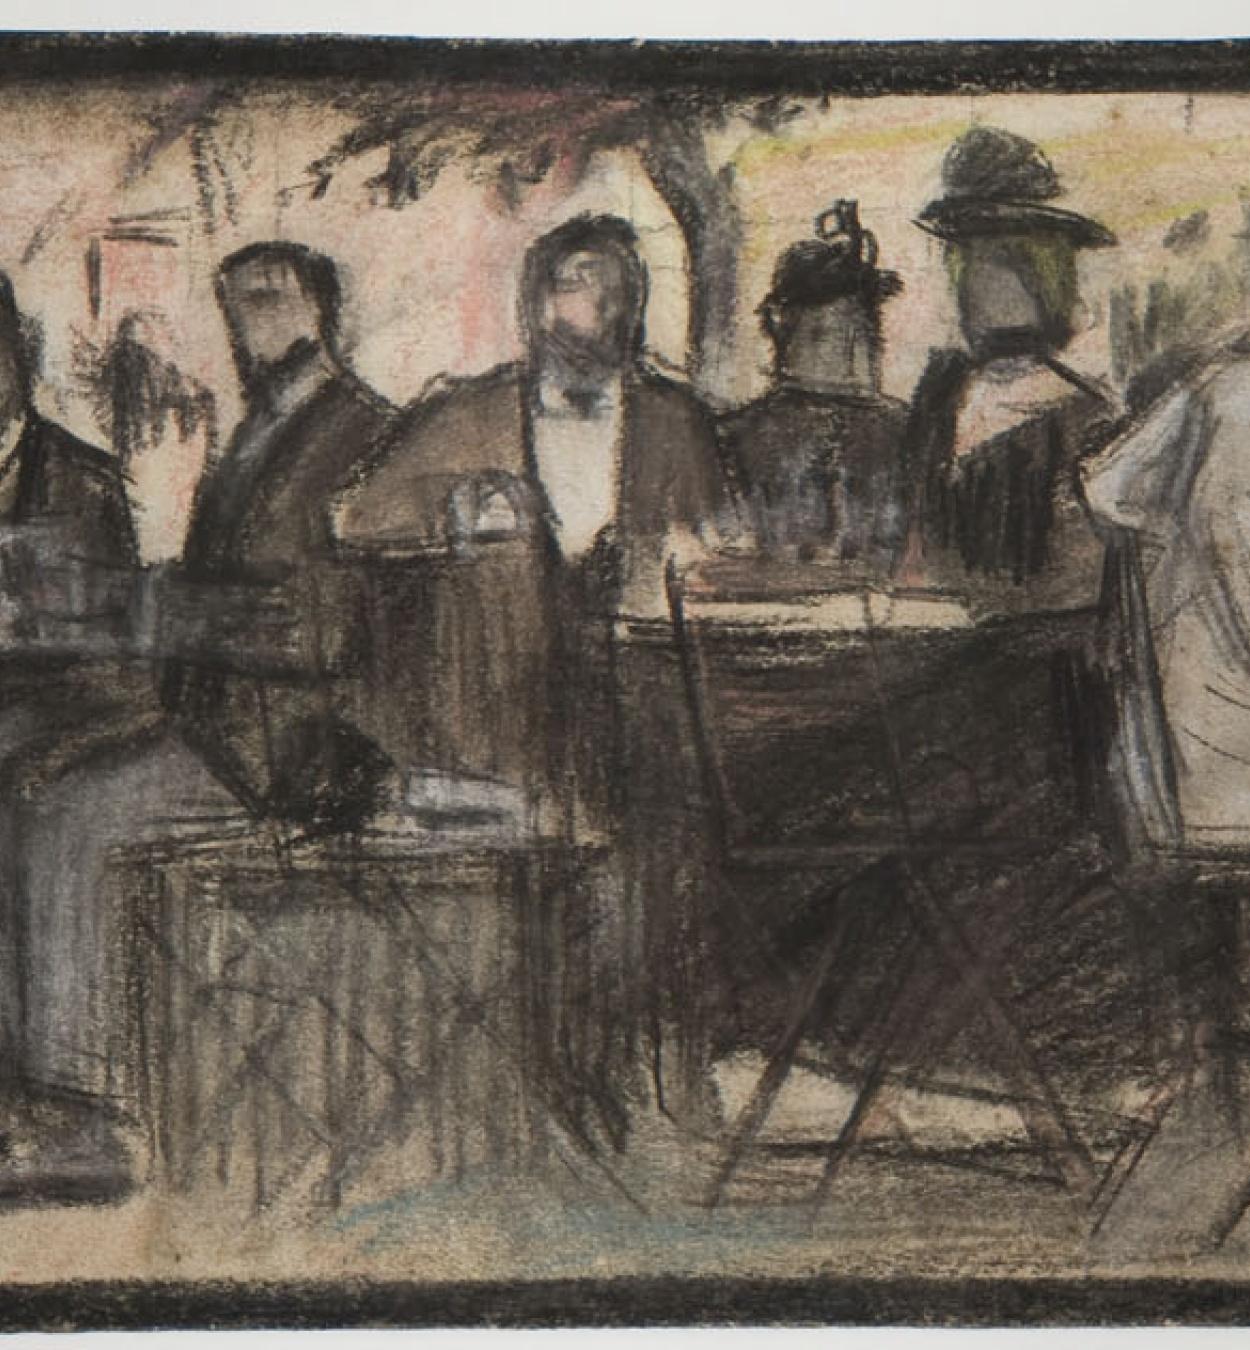 Ricard Opisso - Café de verano - Hacia 1900